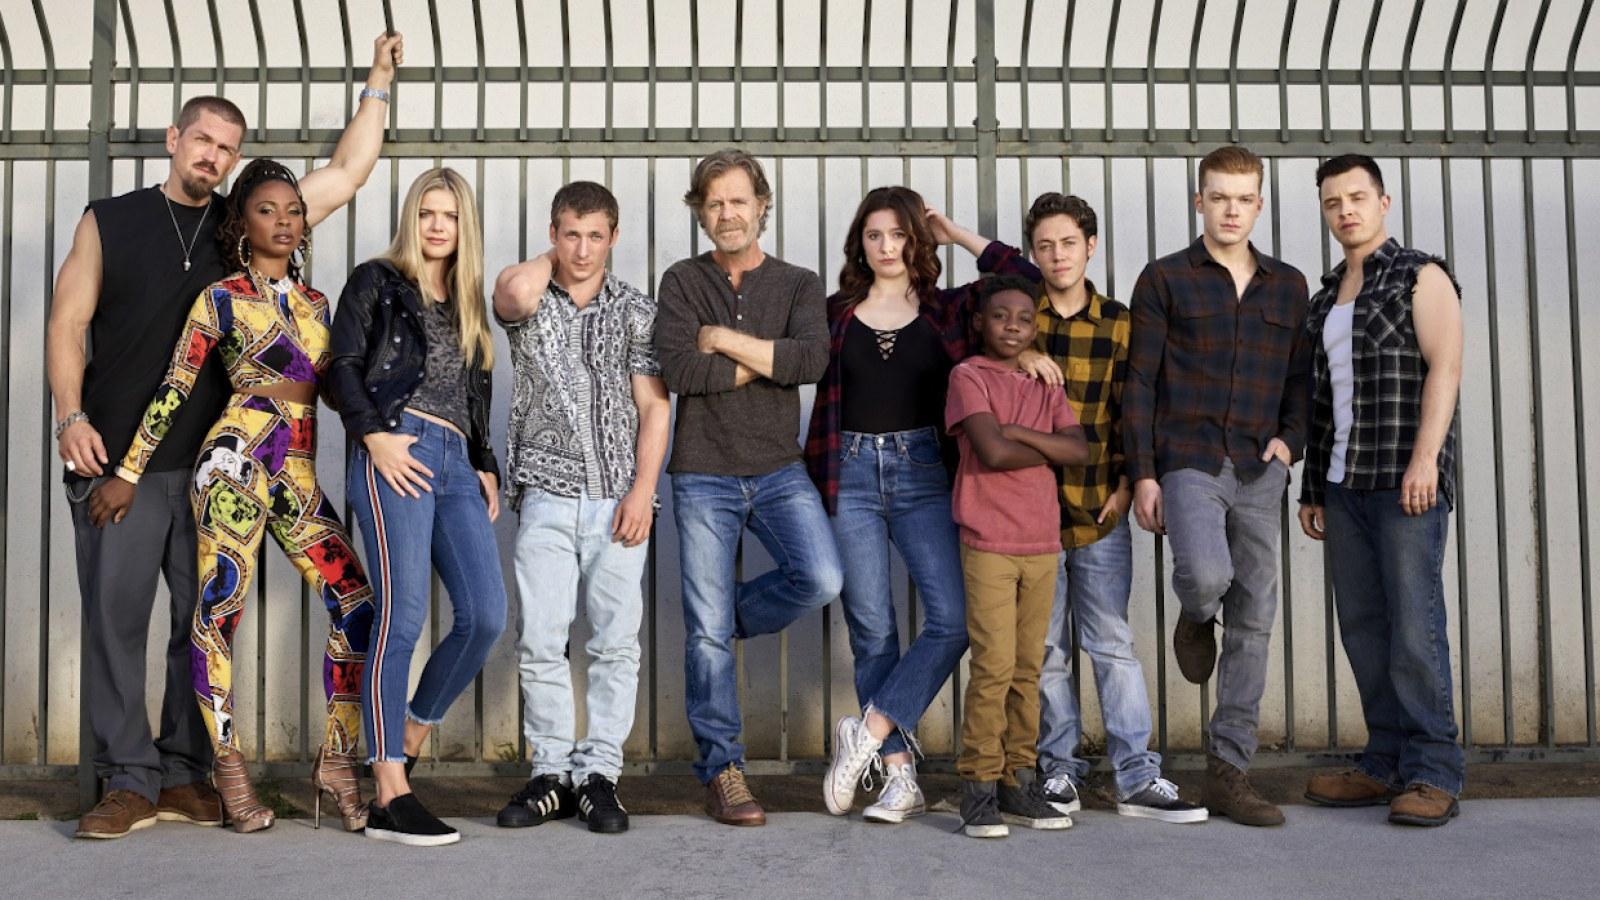 shameless season 8 episode 10 free online